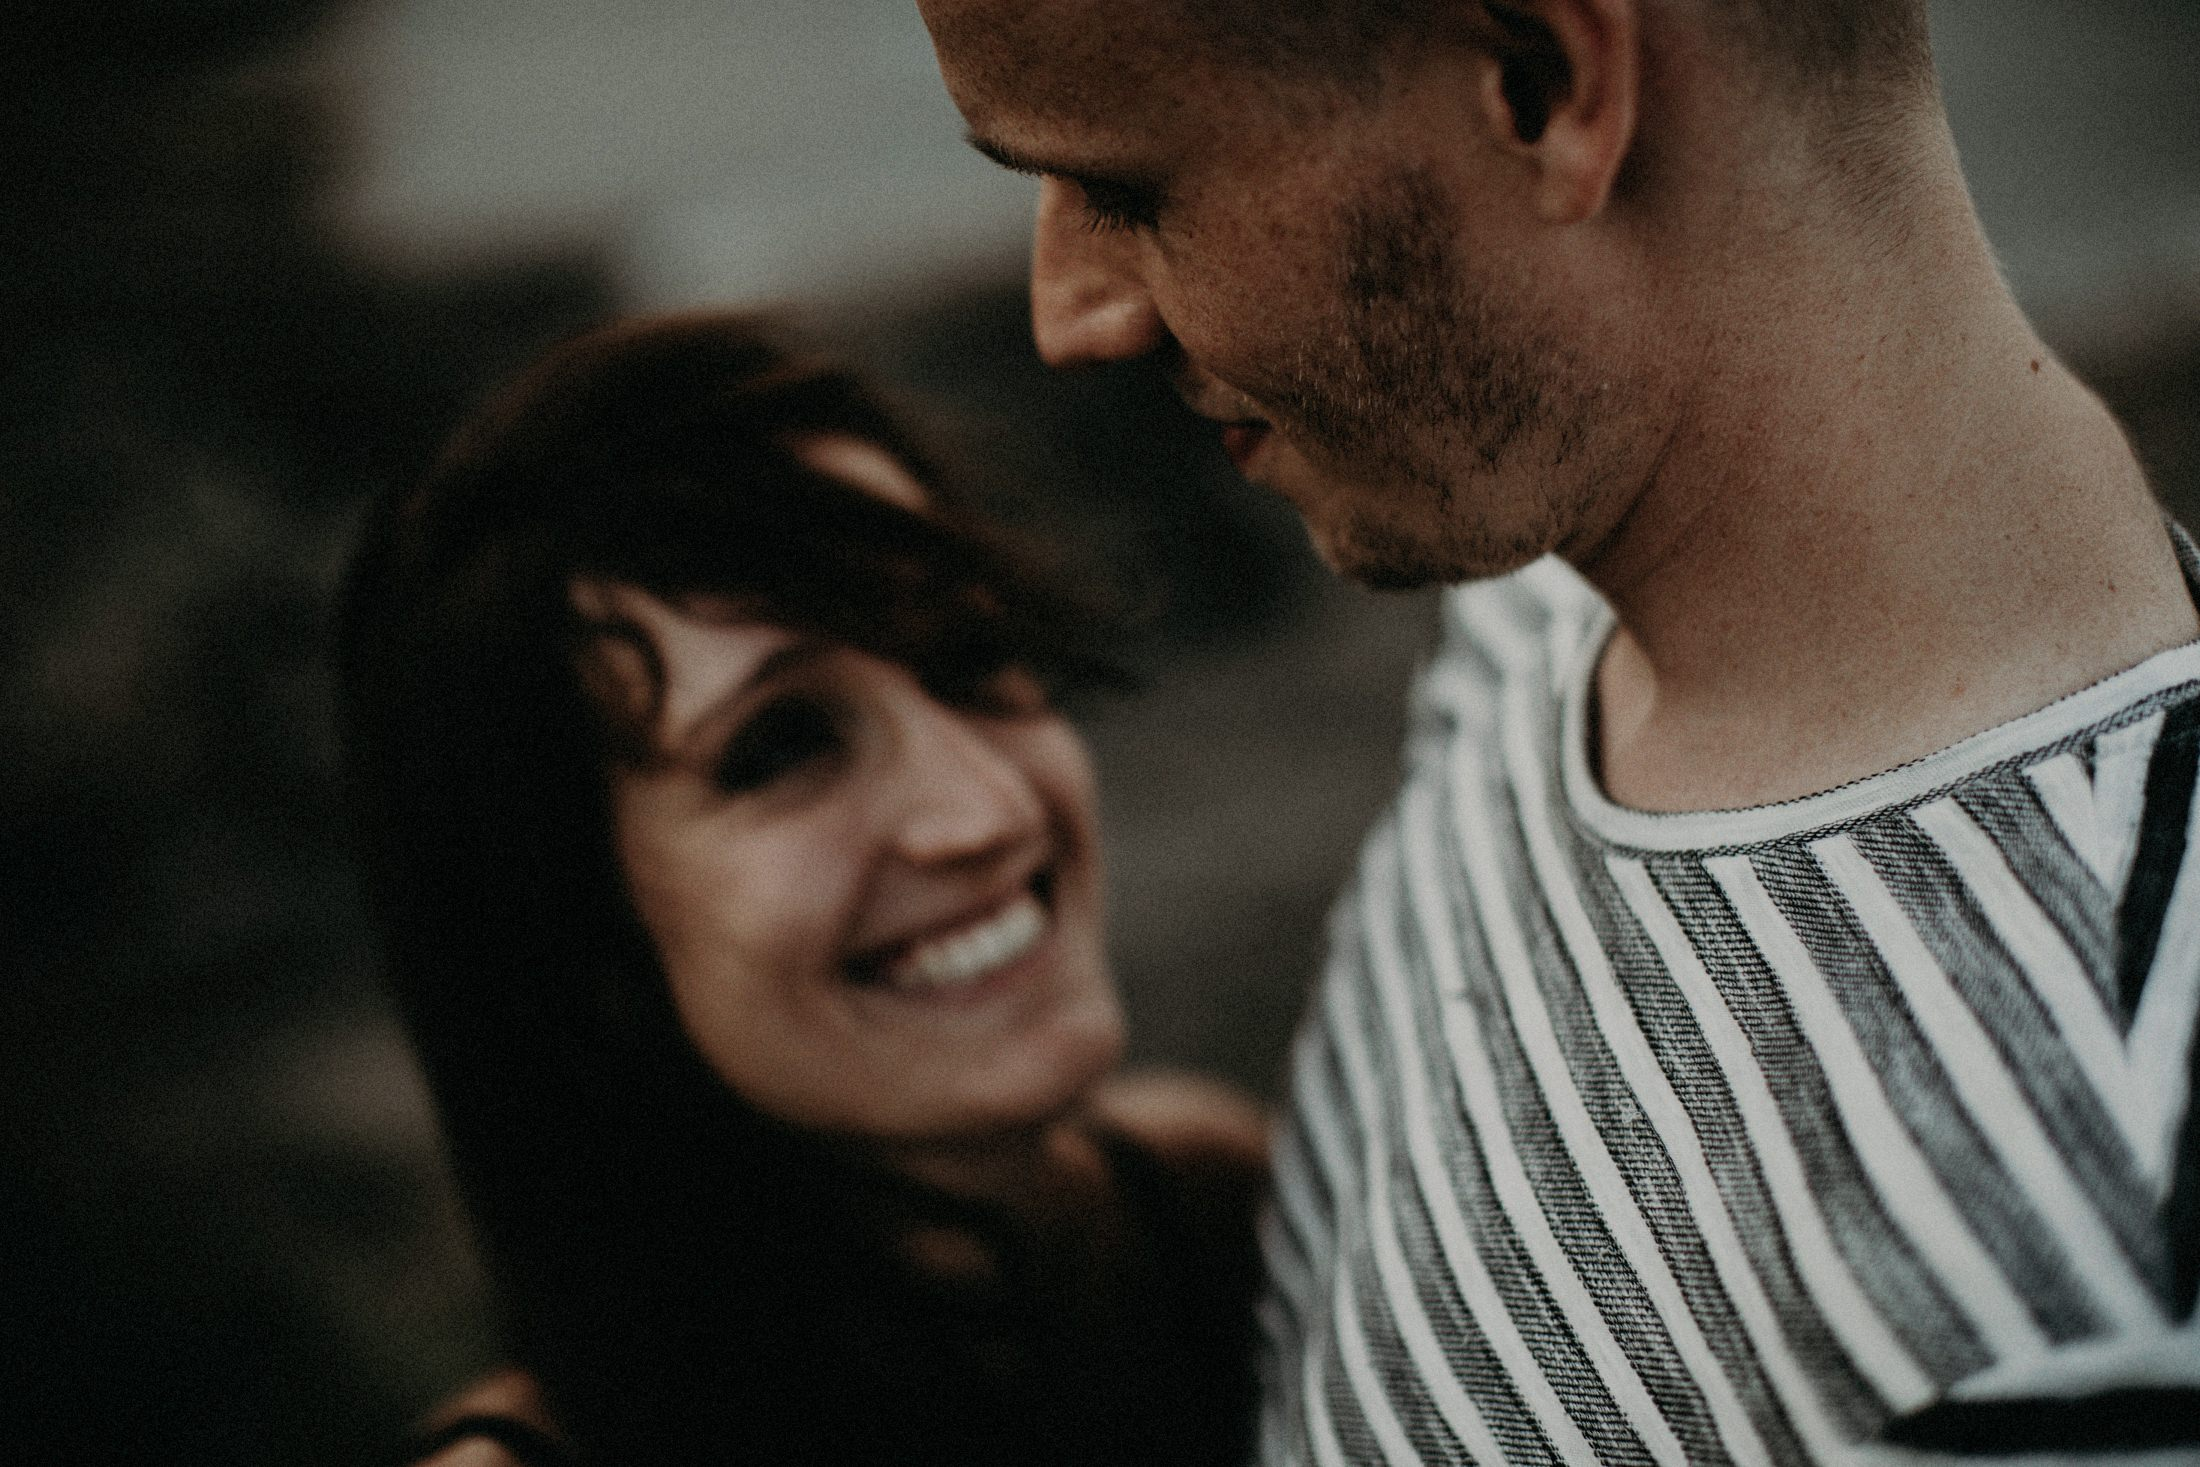 steven-bassilieaux-photographe-wedding-mariage-espagne-bordeaux-france-18-EX .jpg